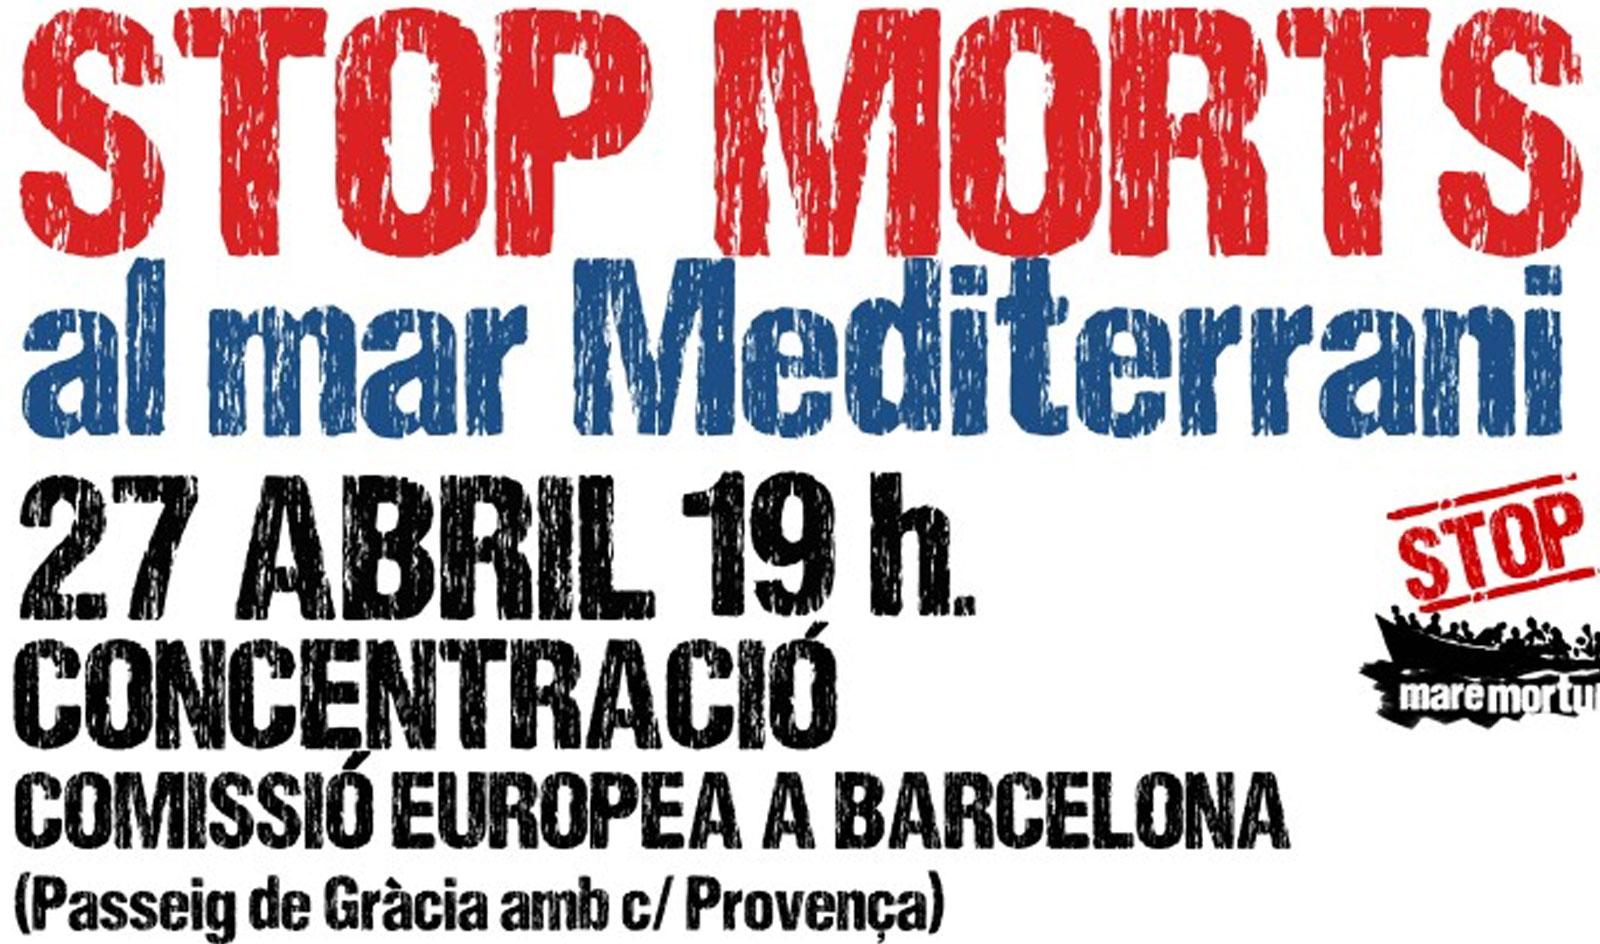 Conovatòria de concentració per dilluns 27 d'abril davant la Comissió Europea a Barcelona